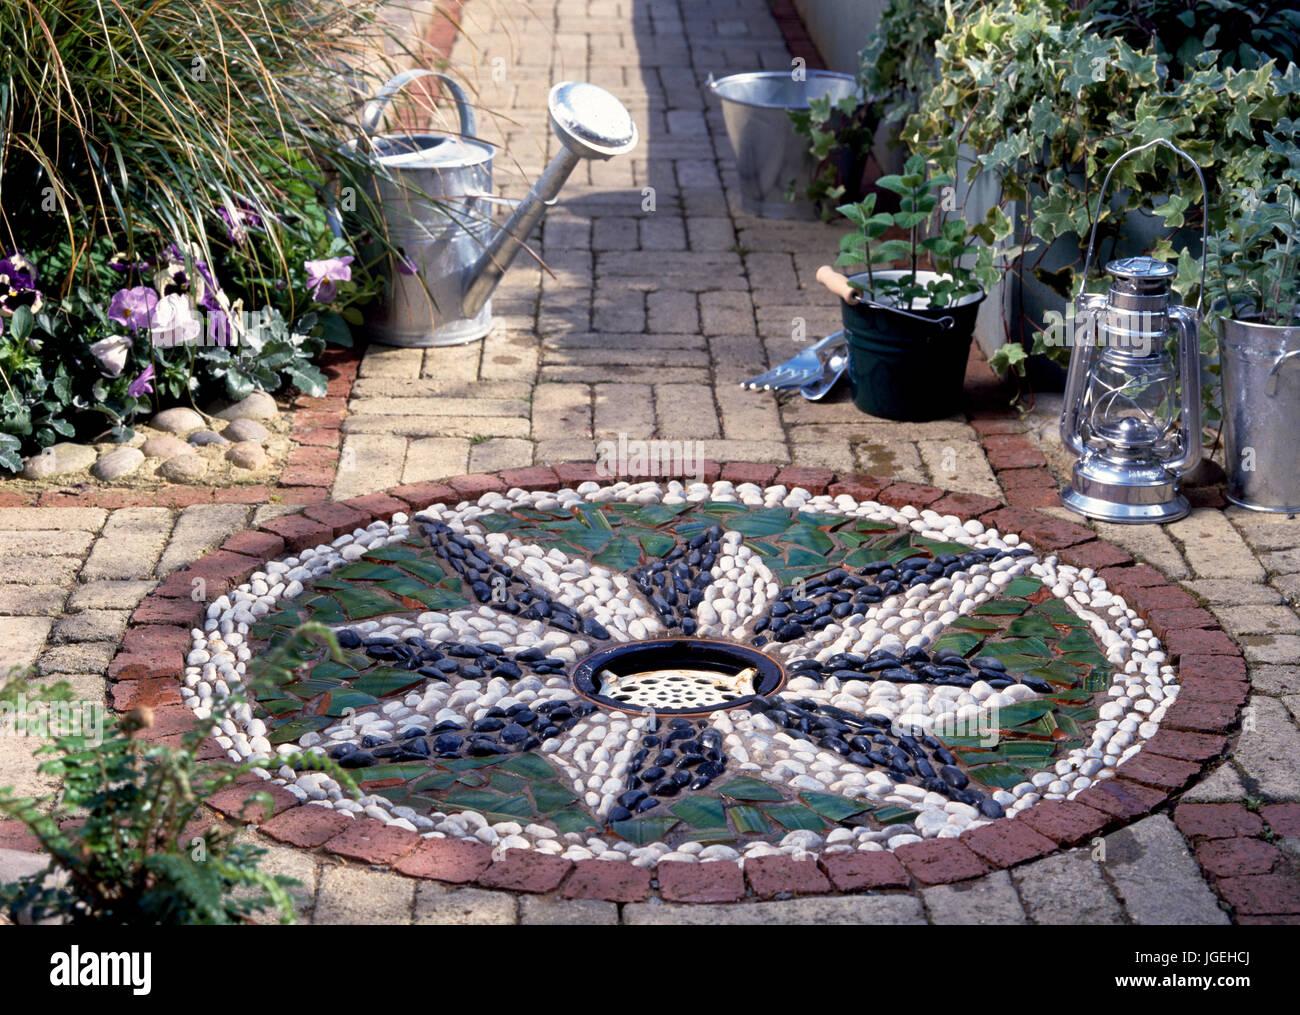 Bezaubernd Mosaik Garten Beste Wahl Diy Wasserspiel Im Garten: Kanten Um Kleine